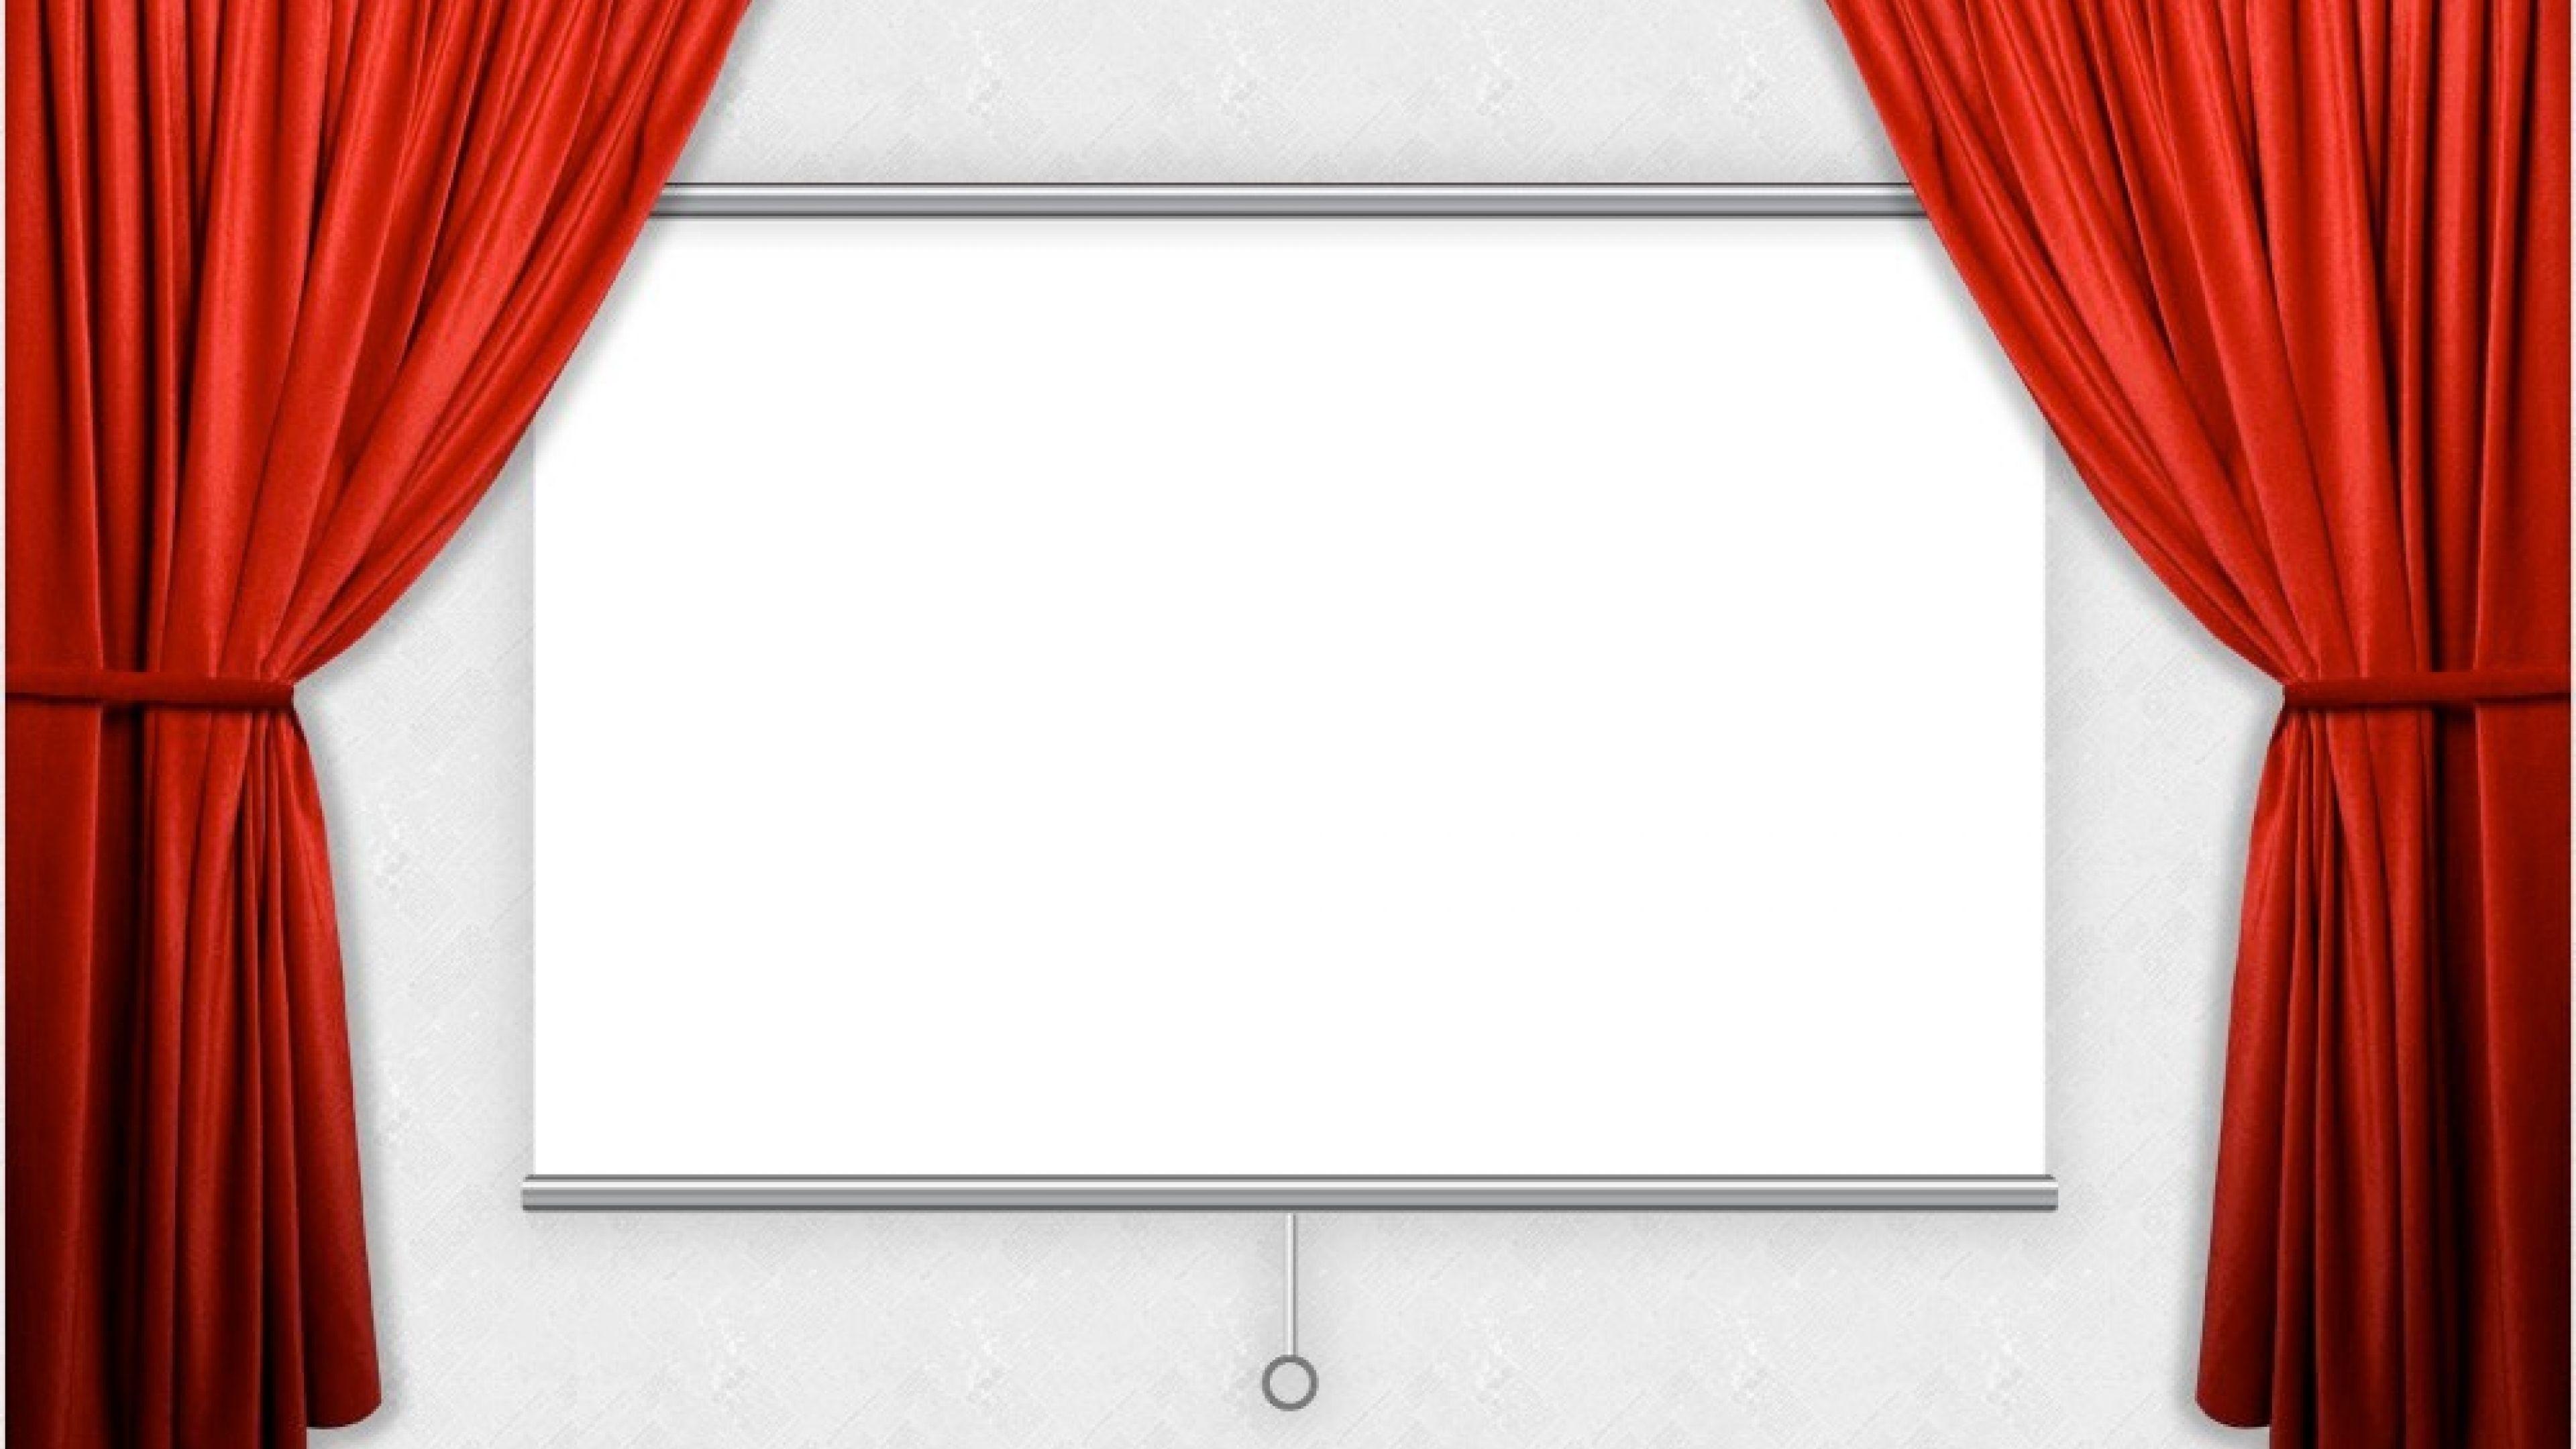 خلفيات بوربوينت بجودة عالية Powerpoint Wallpaper Hd Tecnologis Wallpaper Powerpoint Background Powerpoint Powerpoint Background Free